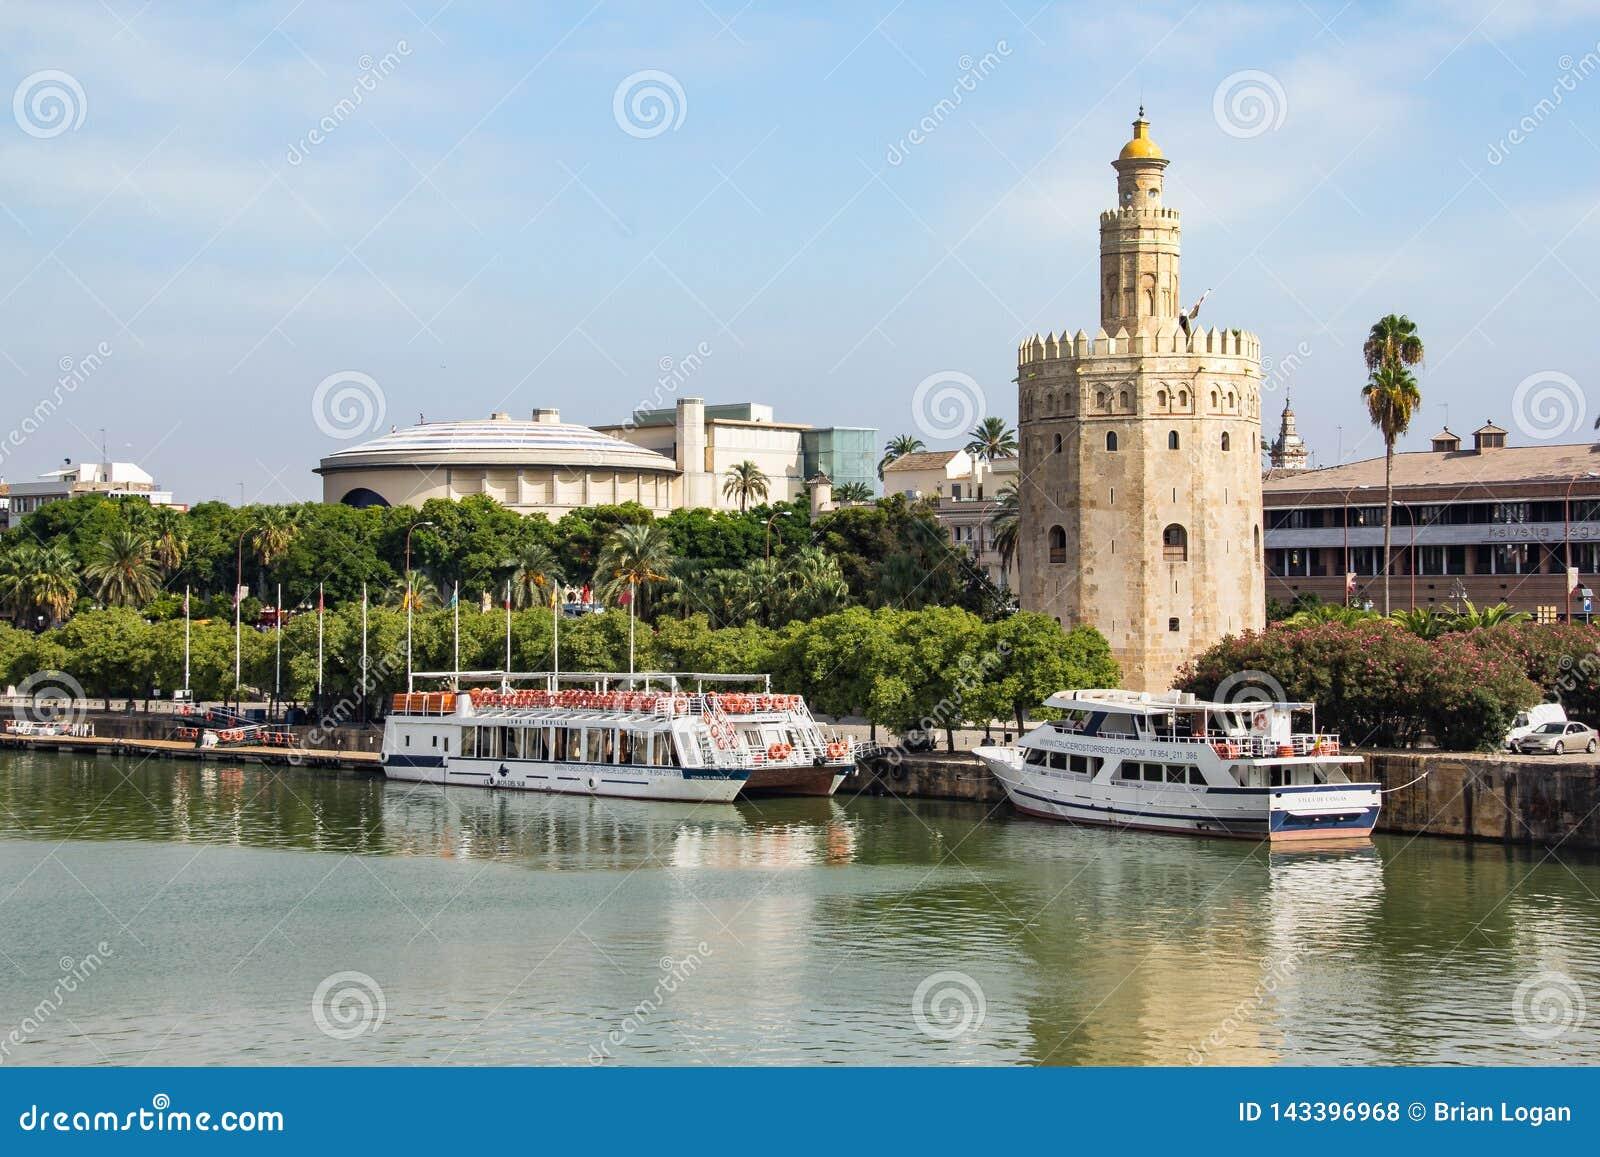 Sevilha, Espanha - Sept 23, 2013: Torre del Oro no rio de Guadalquivir